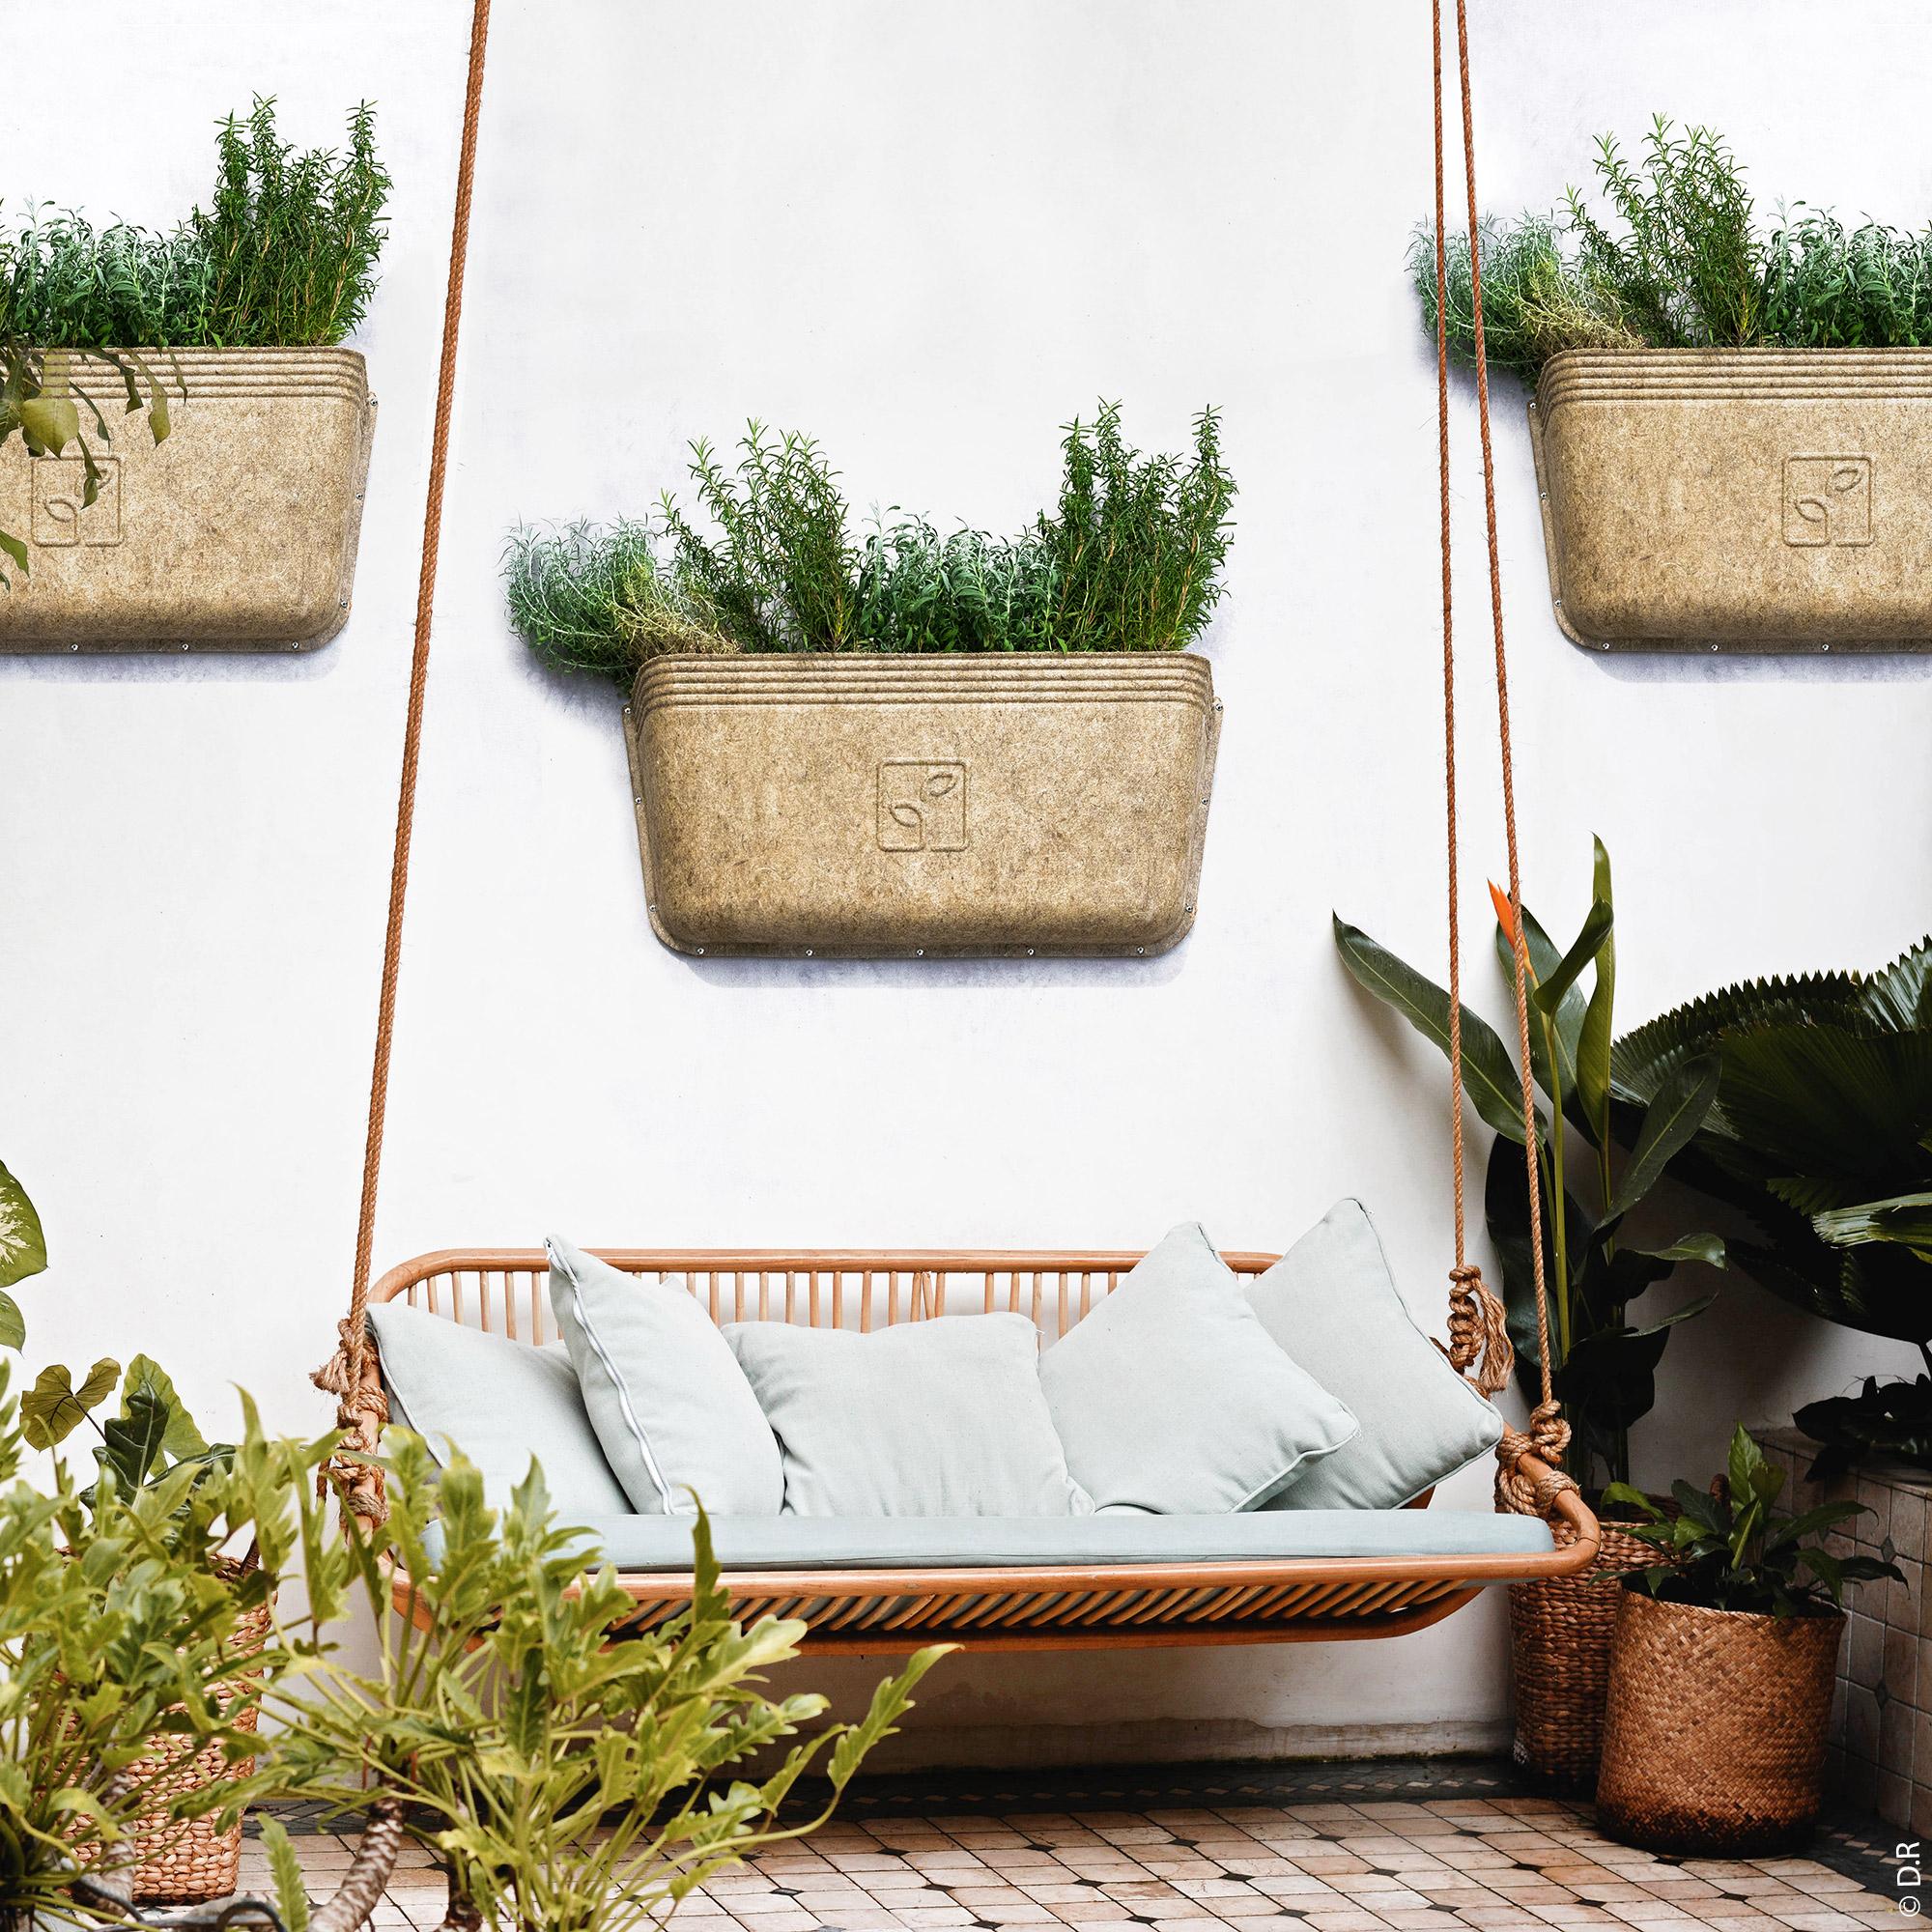 AGROVE : Un coin nature sur votre balcon ou terrasse : misez sur le meilleur des fibres naturelles